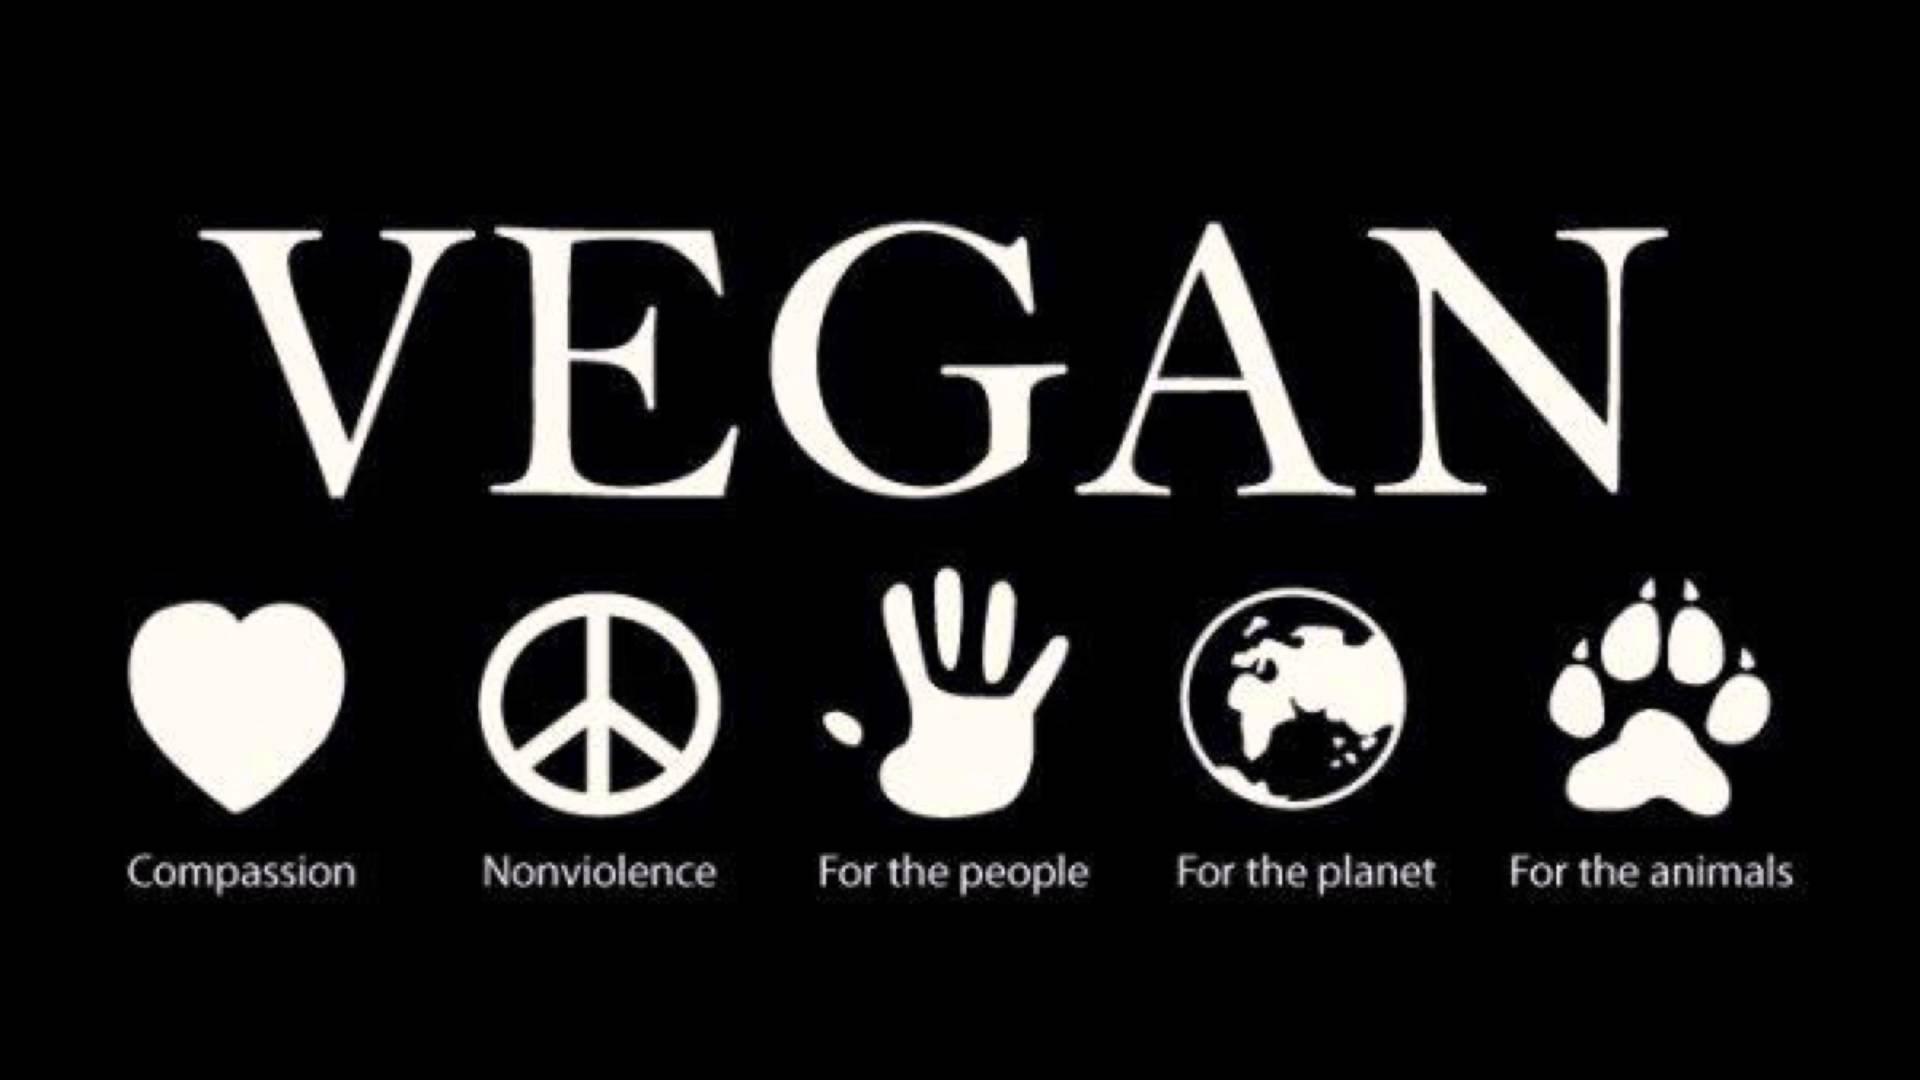 Go-Vegan-image